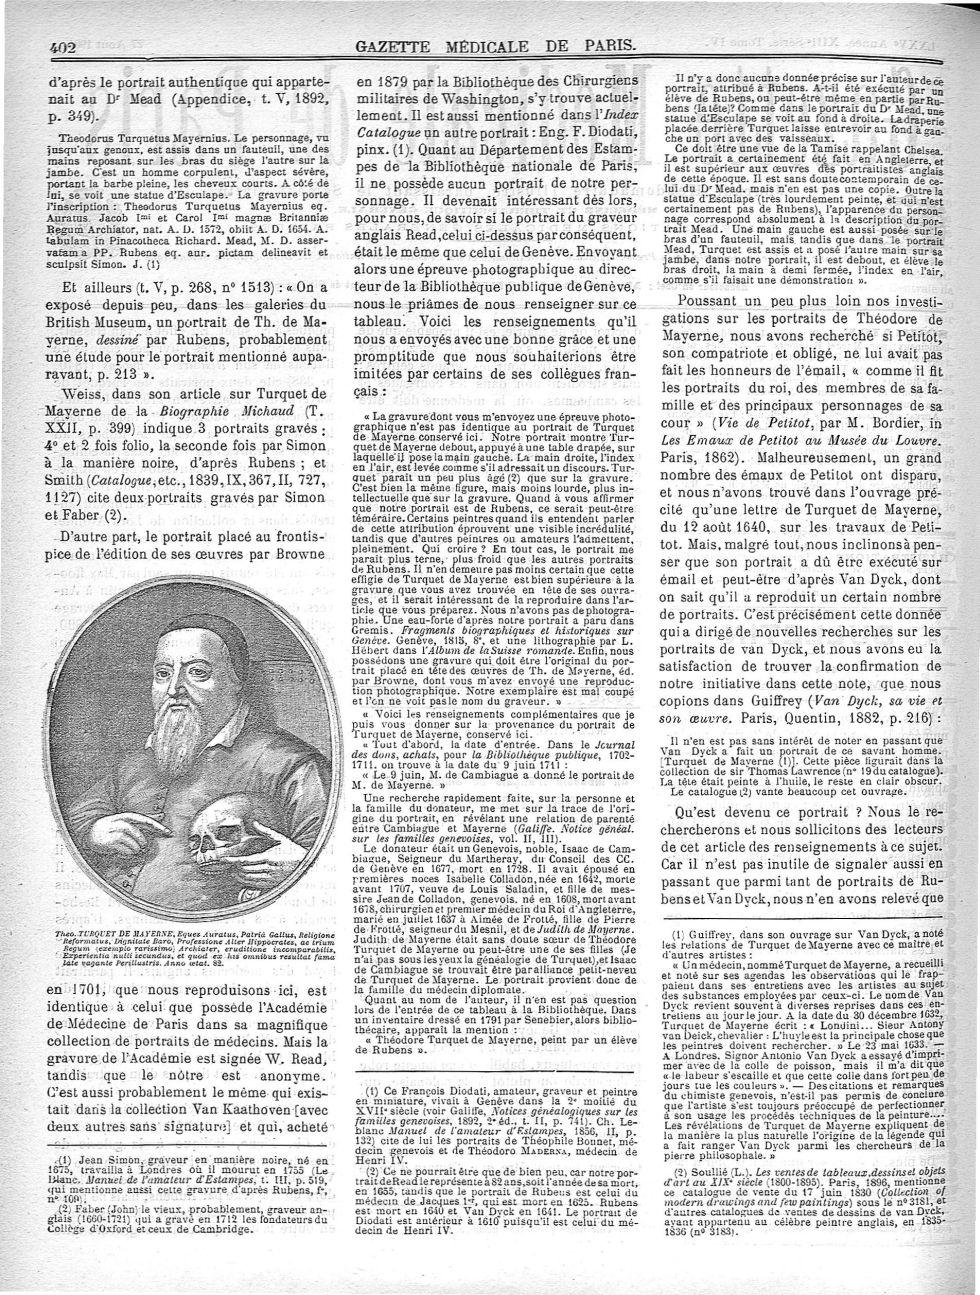 Theo. Turquet de Mayerne - Gazette médicale de Paris : journal de médecine et des sciences accessoir [...] - Médecins. 17e siècle (France) - med90182x1904x04x0406